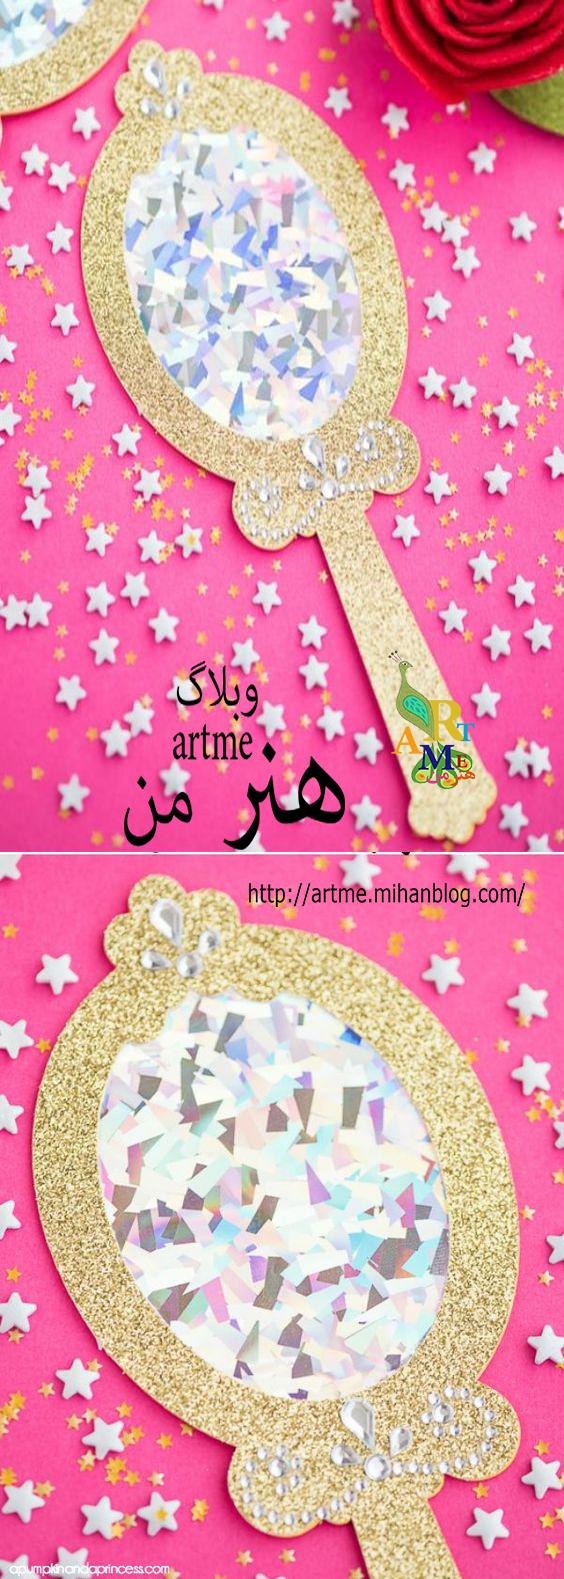 http://s9.picofile.com/file/8307295634/70e86c1633b63eb7b9528971d6.jpg